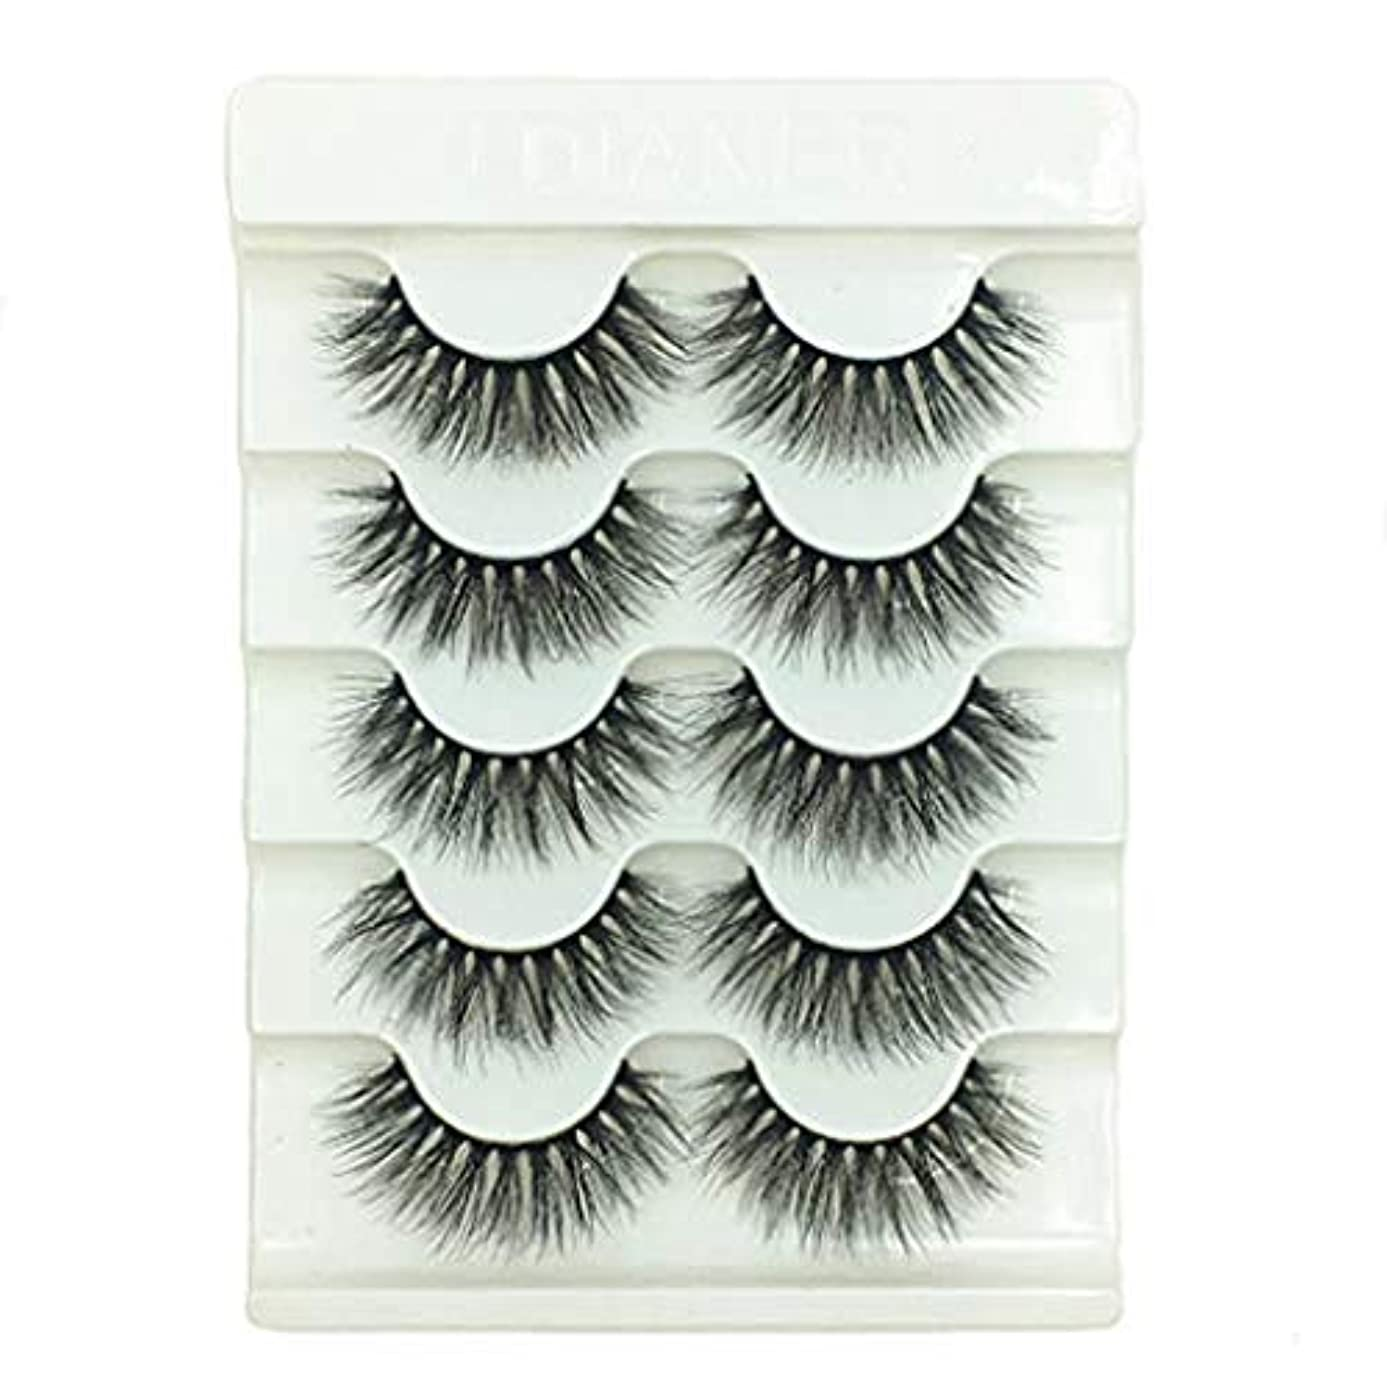 Feteso 5ペア つけまつげ 上まつげ Eyelashes アイラッシュ ビューティー まつげエクステ レディース 化粧ツール アイメイクアップ 人気 ナチュラル 飾り 柔らかい 装着簡単 綺麗 濃密 再利用可能